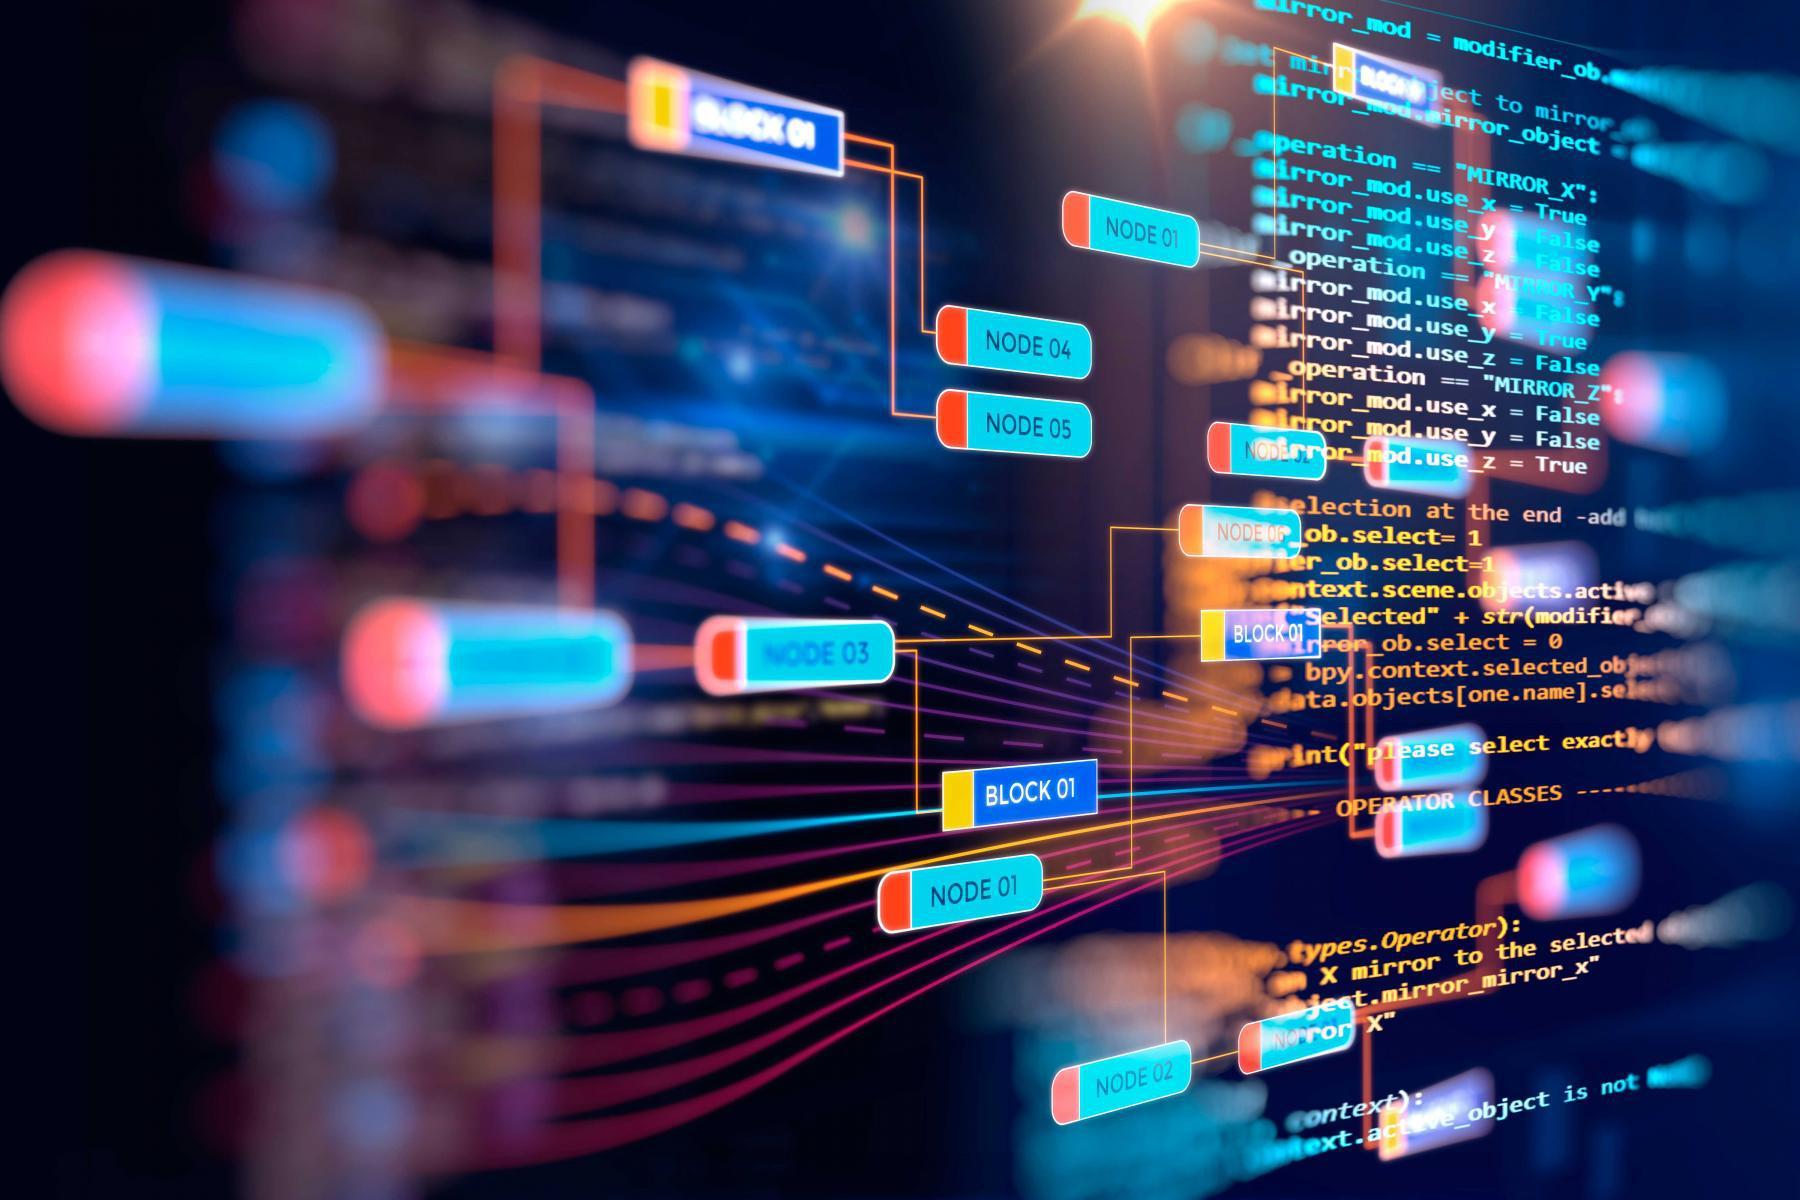 La tecnologia dei Big Data a servizio del gioco online e terrestre